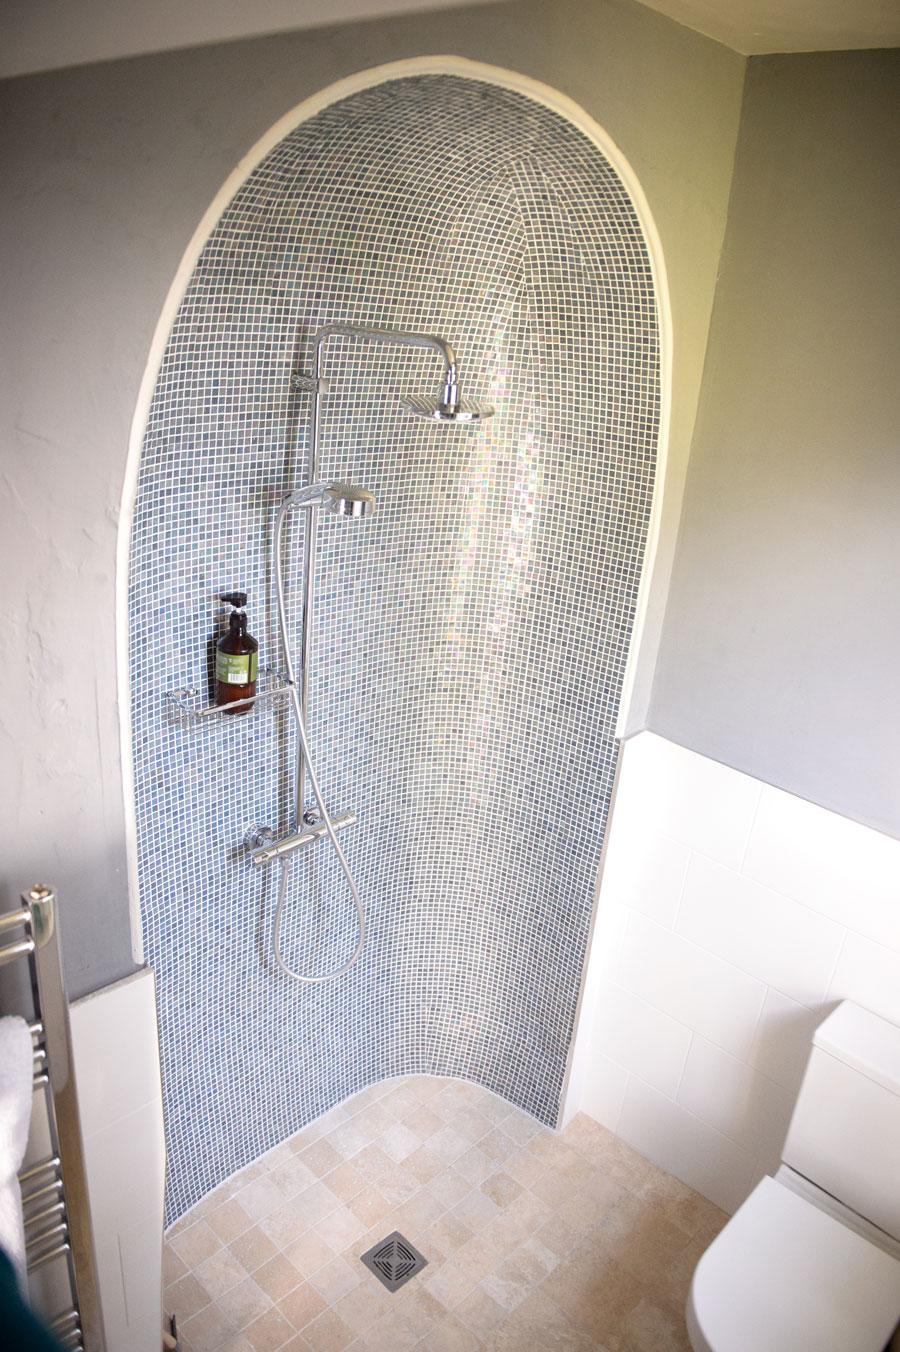 The Hopton en-suite wet room